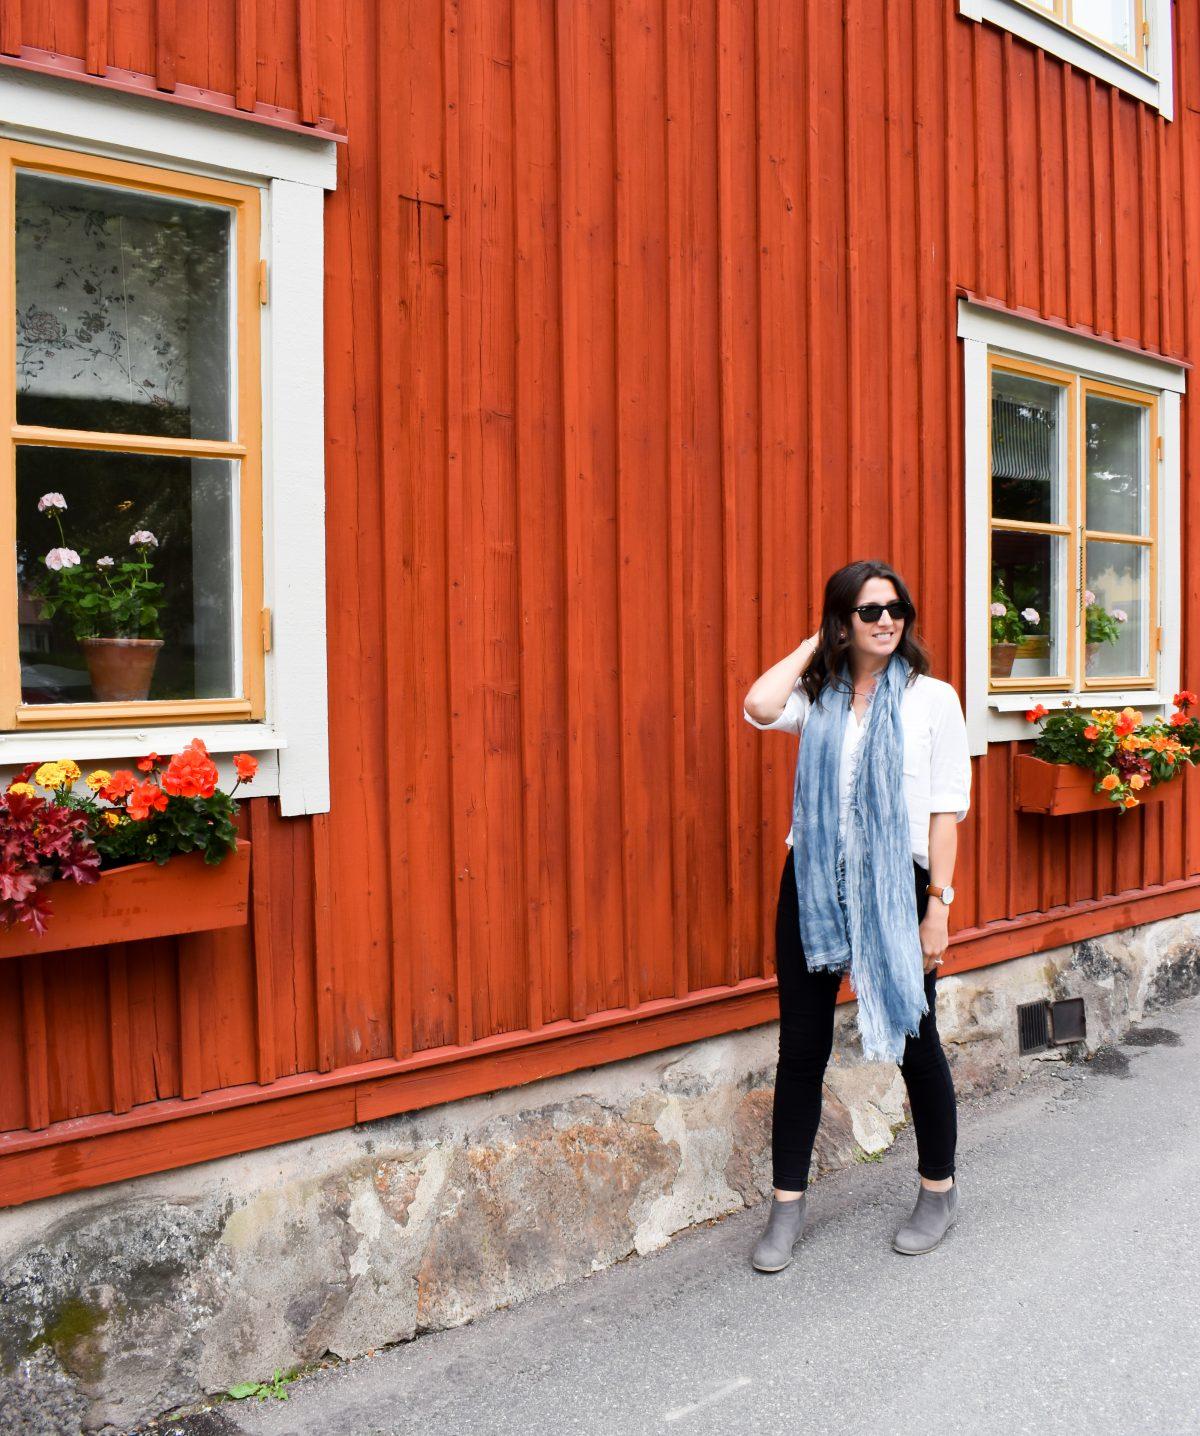 Erin walks along flower boxed in Sigtuna Sweden